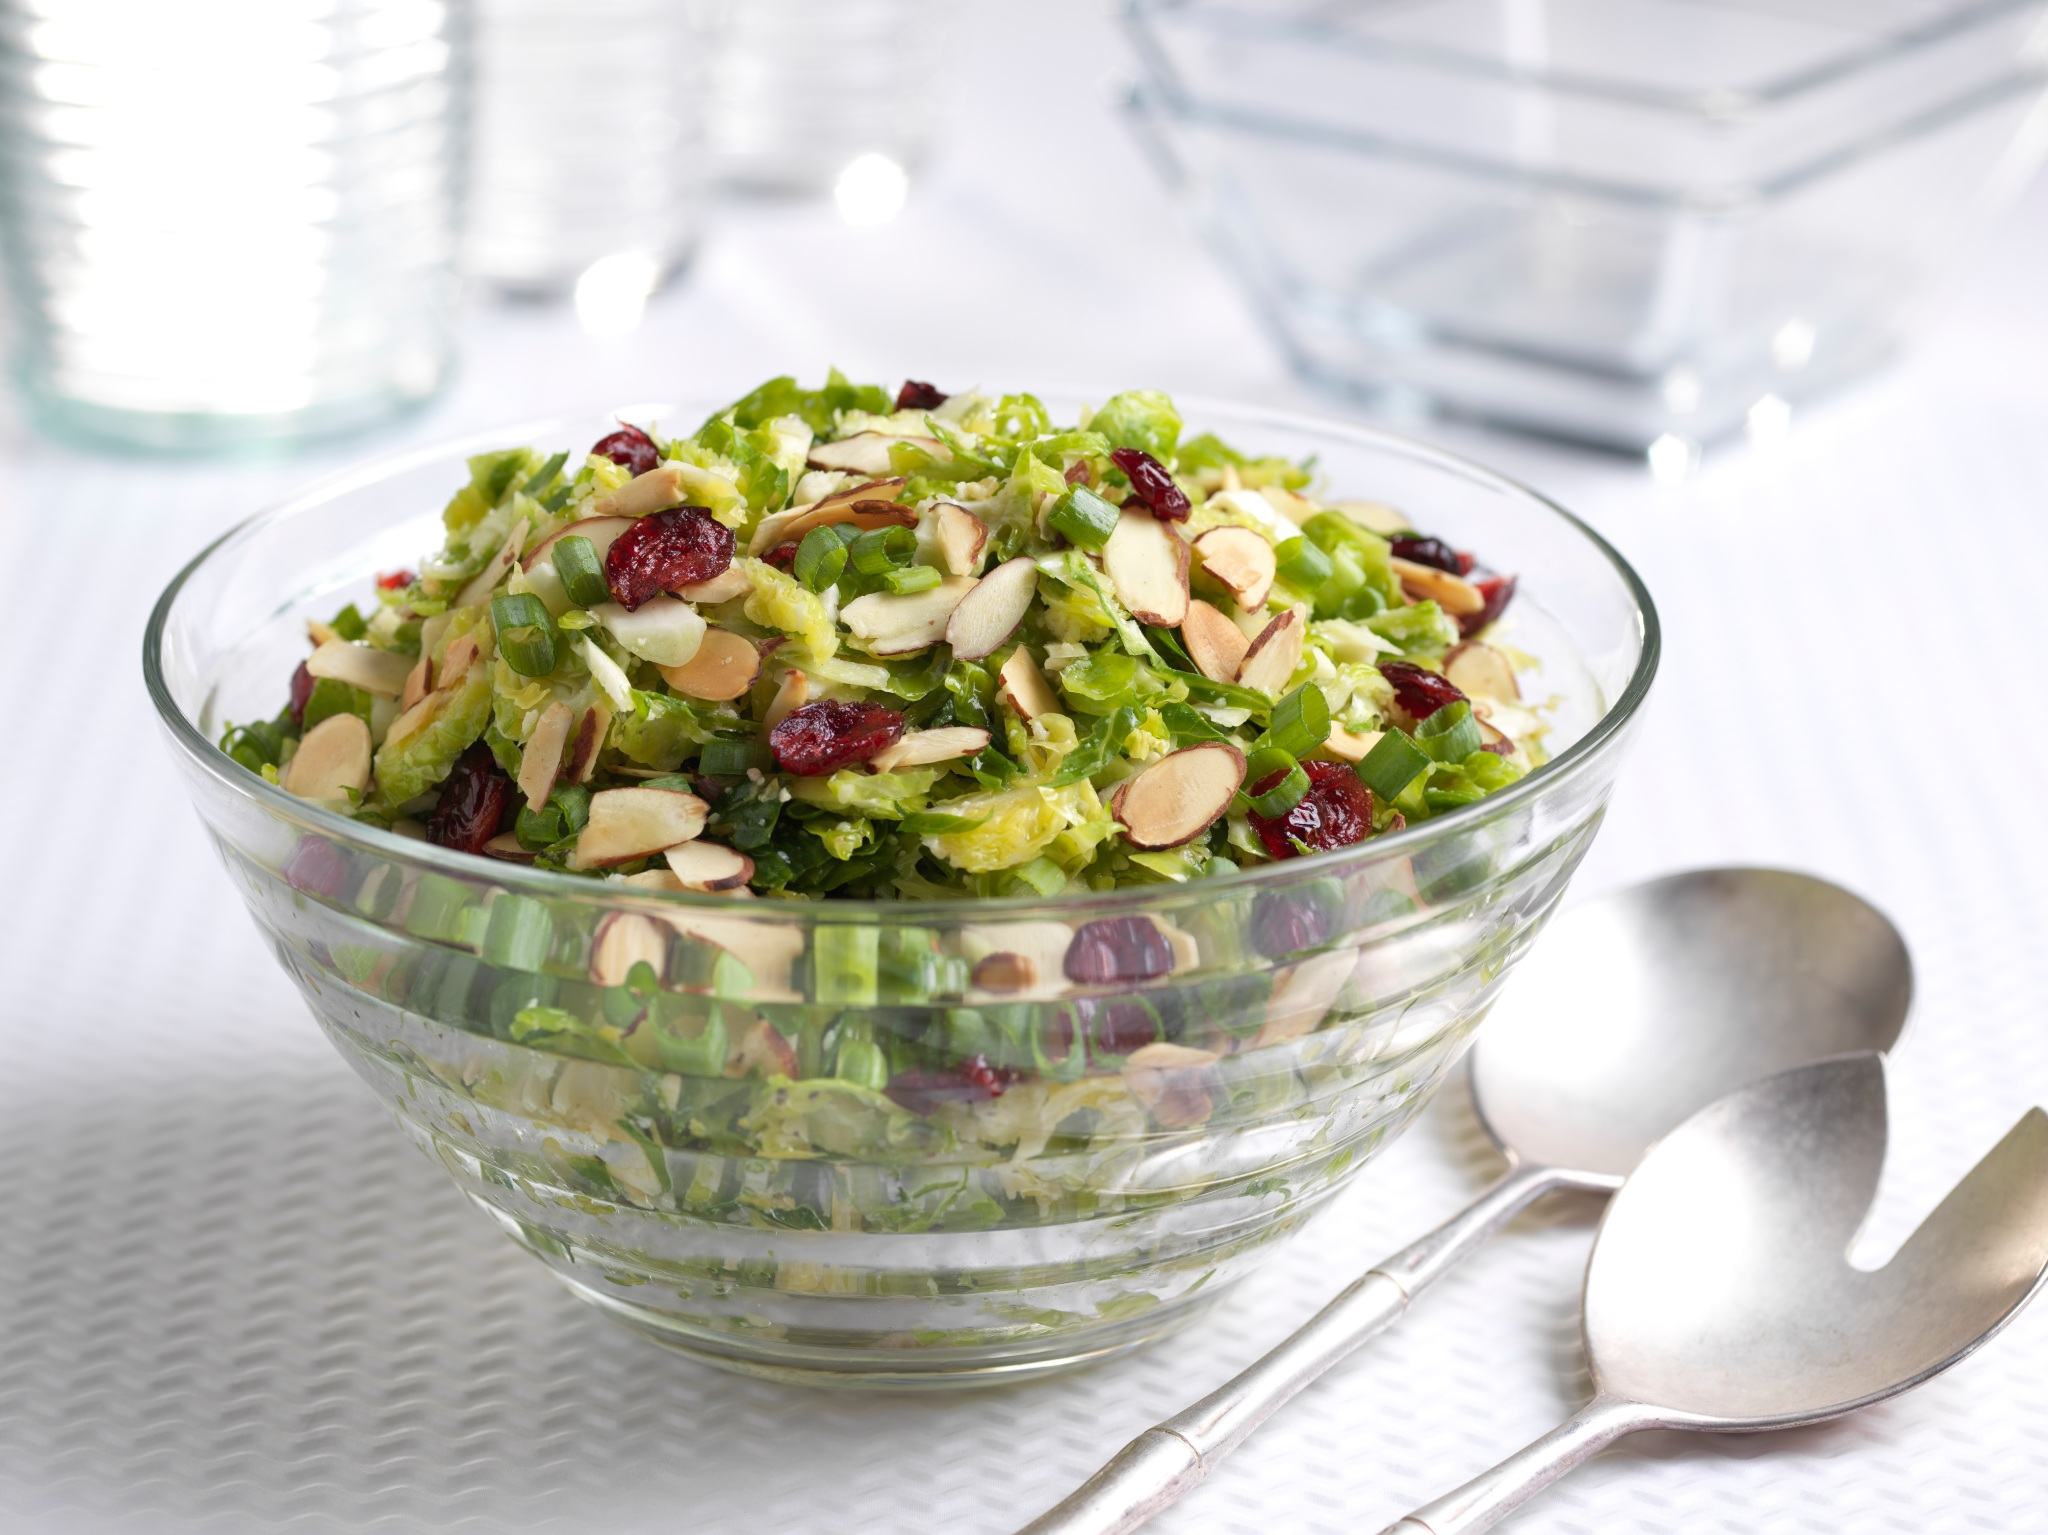 creamy-caesar-sprouts-salad